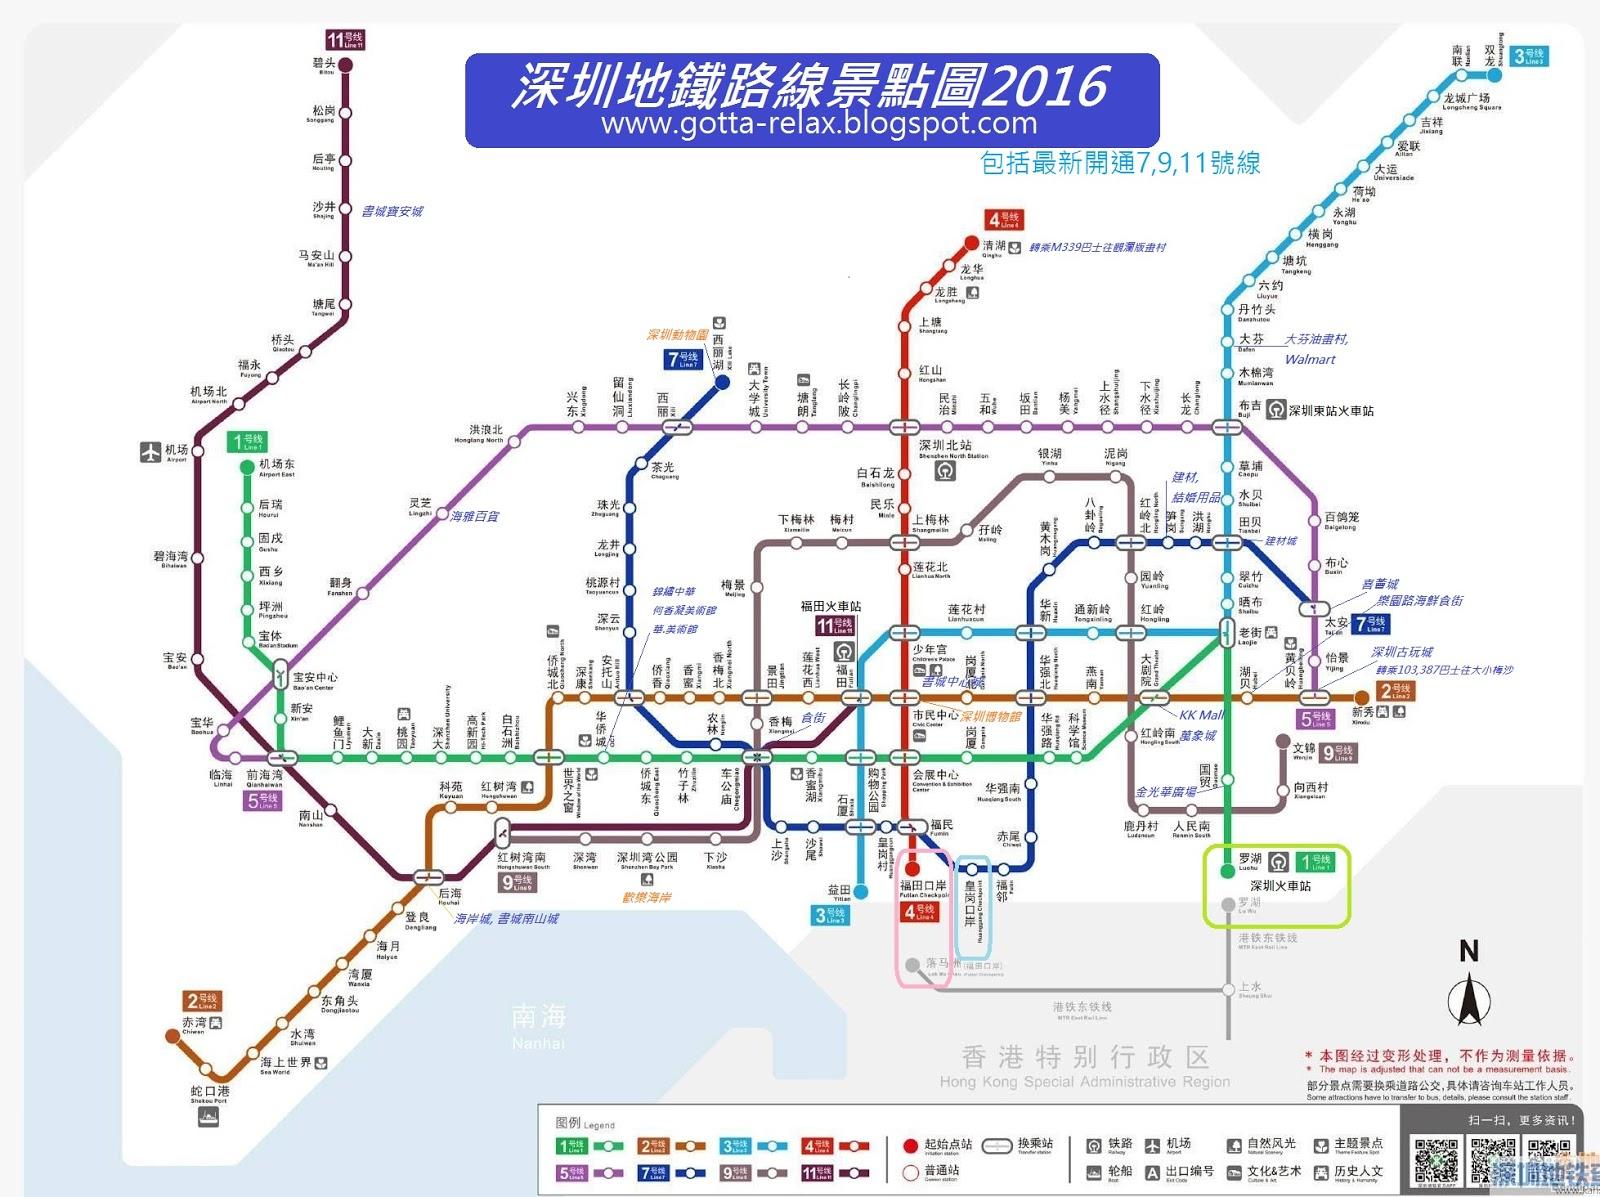 一齊relax下: [深圳篇]2016最新深圳地鐵路線圖(附主要景點)2016